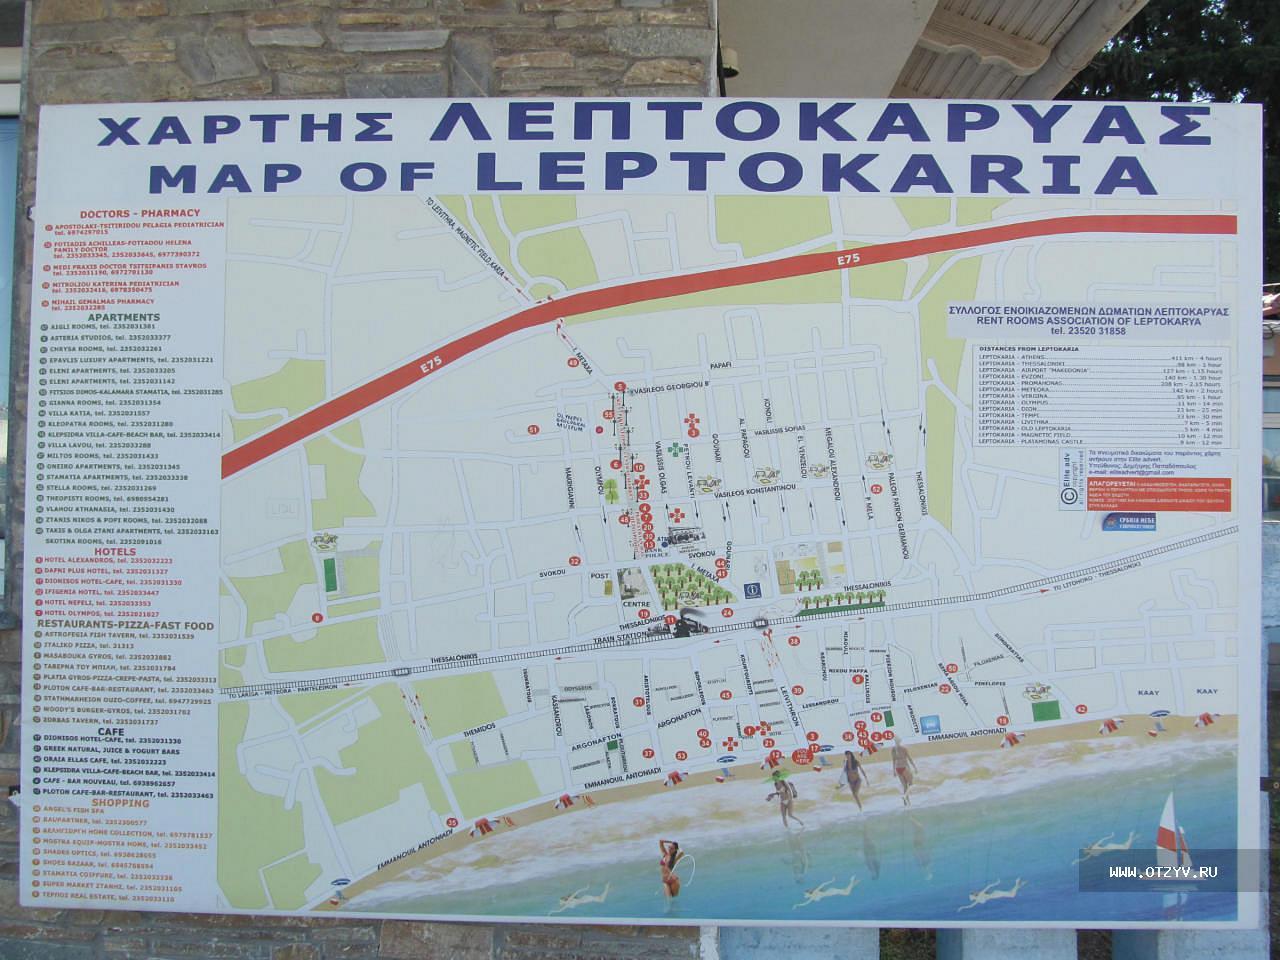 есть, вне прямой поезд из афин в лептокарию первой разглядела